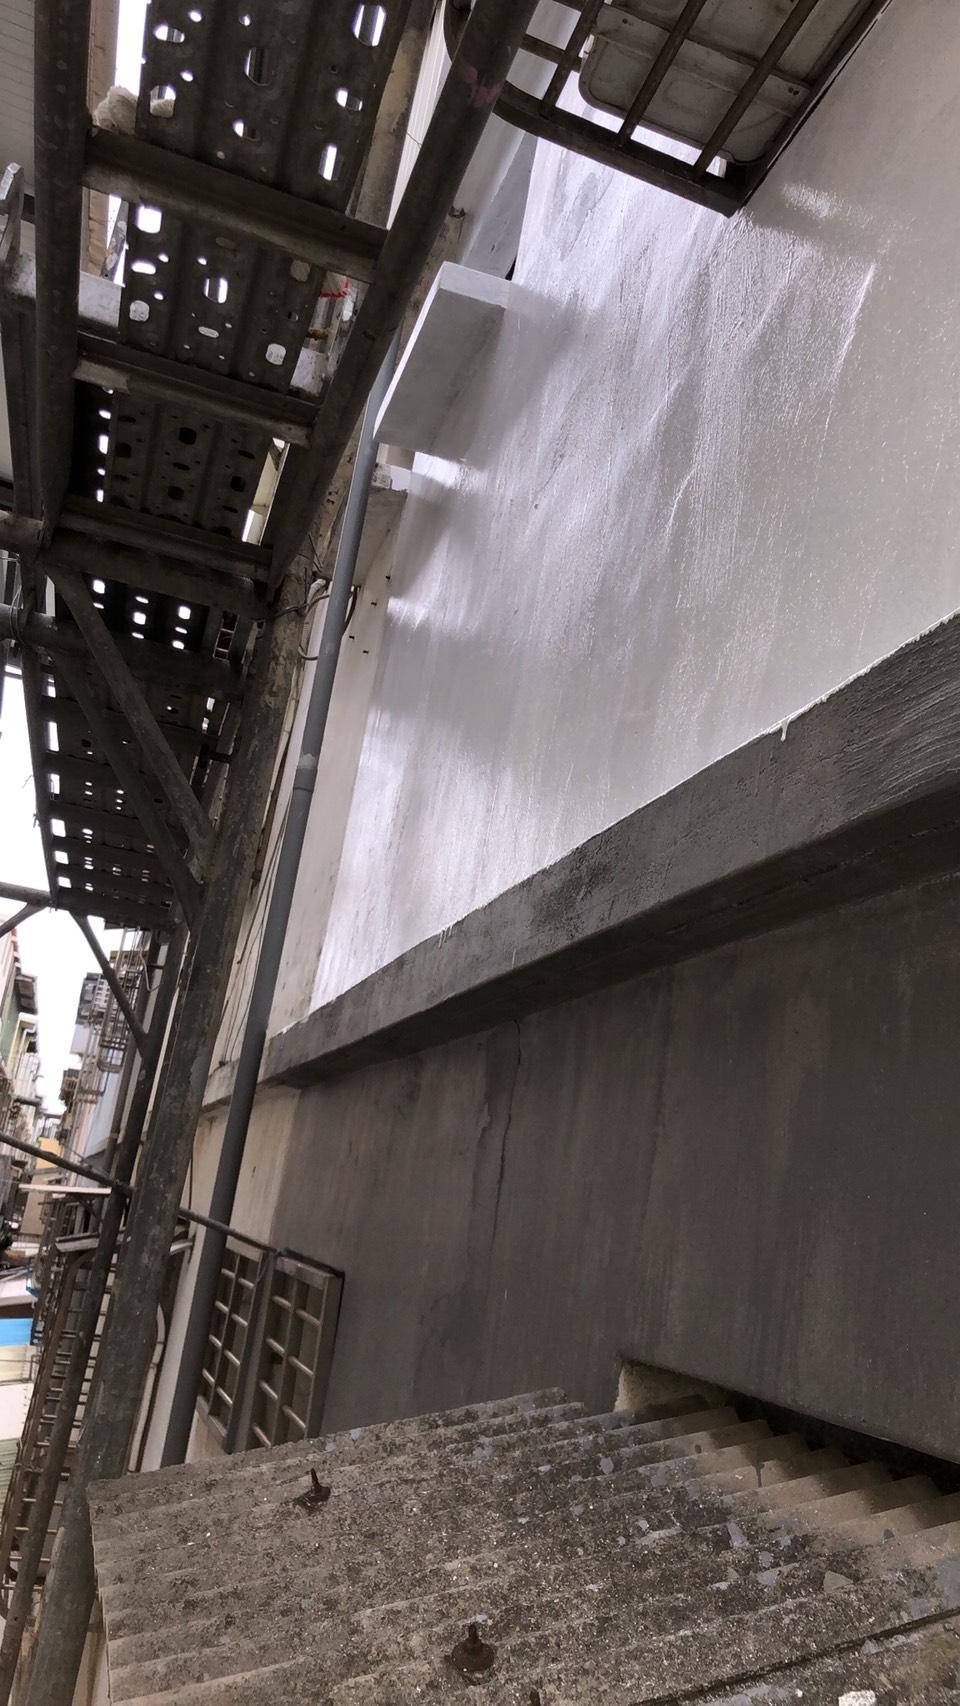 桃園翰誼防水-八德外牆防水隔熱工程 窗戶採光罩安裝 1樓防水巷鐵皮浪板雨遮安裝